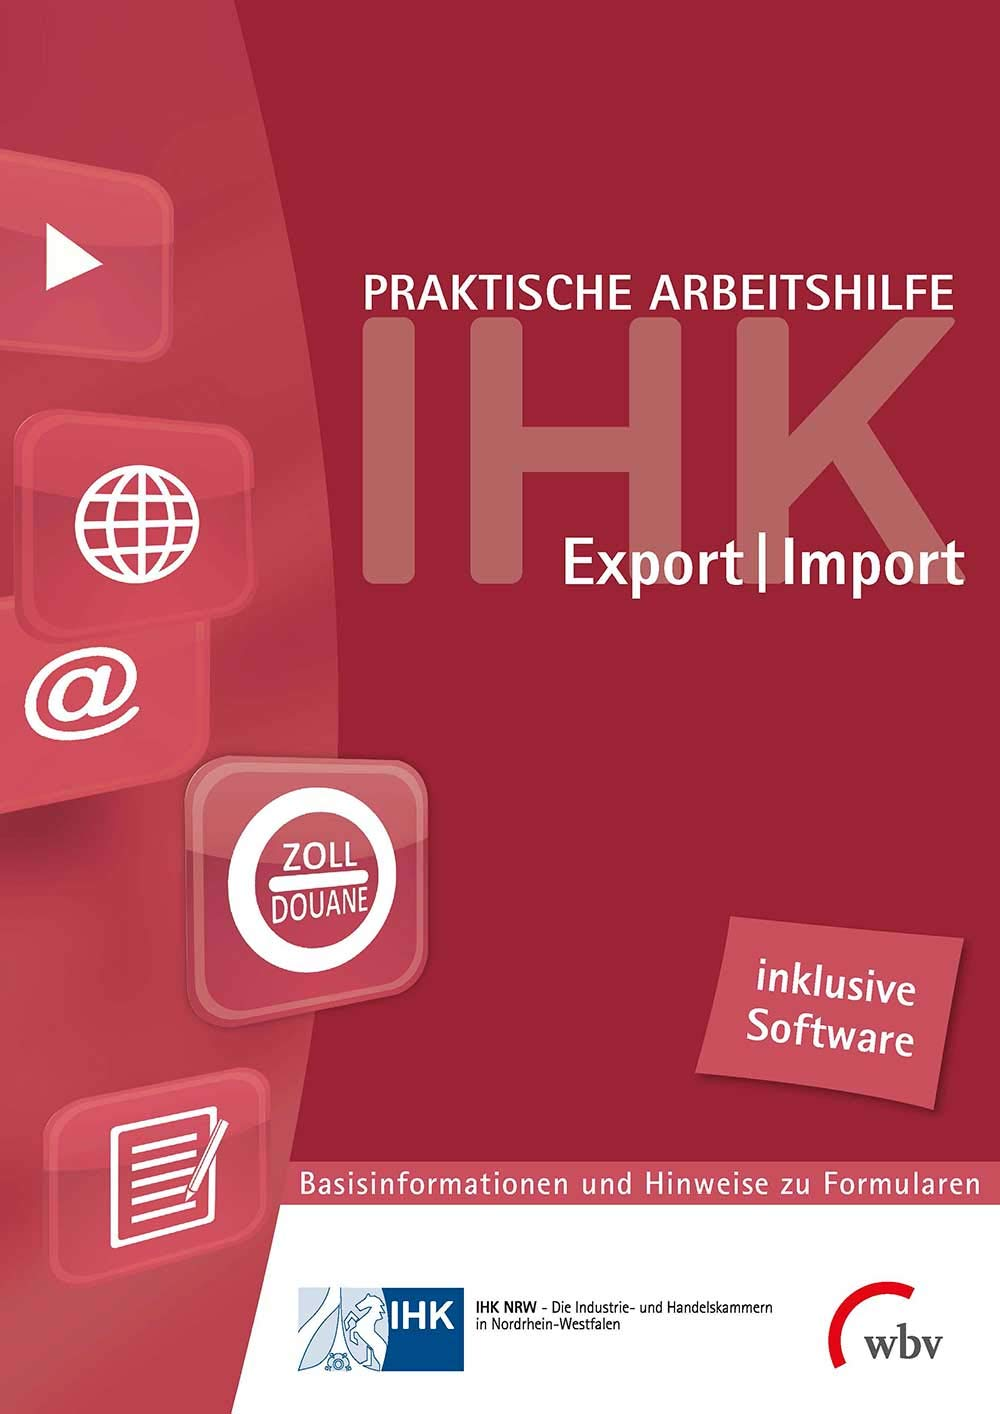 Praktische Arbeitshilfe Export/Import 2018: Basisinformationen und Hinweise zu Formularen mit Formular-Ausfüll-Software Taschenbuch – 30. November 2018 IHK NRW wbv Media 376395967X Steuern